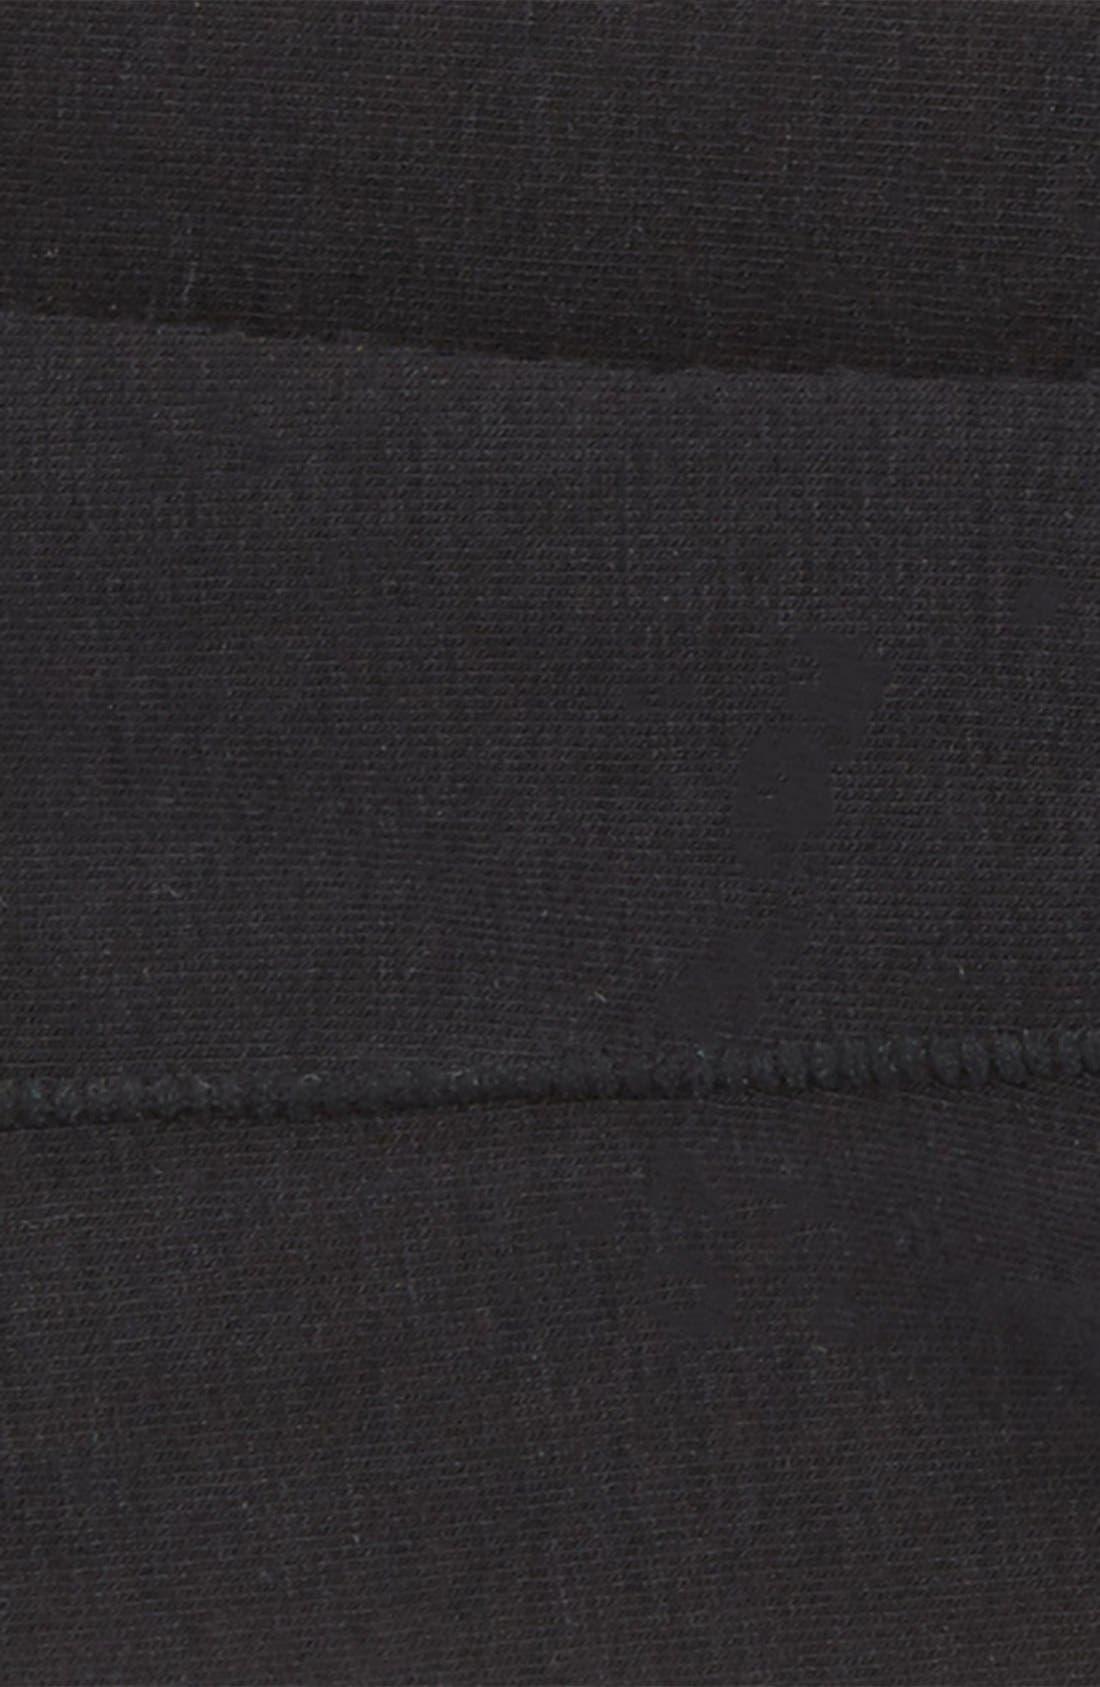 'Ultra Fit' Laser Cut Liner Socks,                             Alternate thumbnail 2, color,                             Black